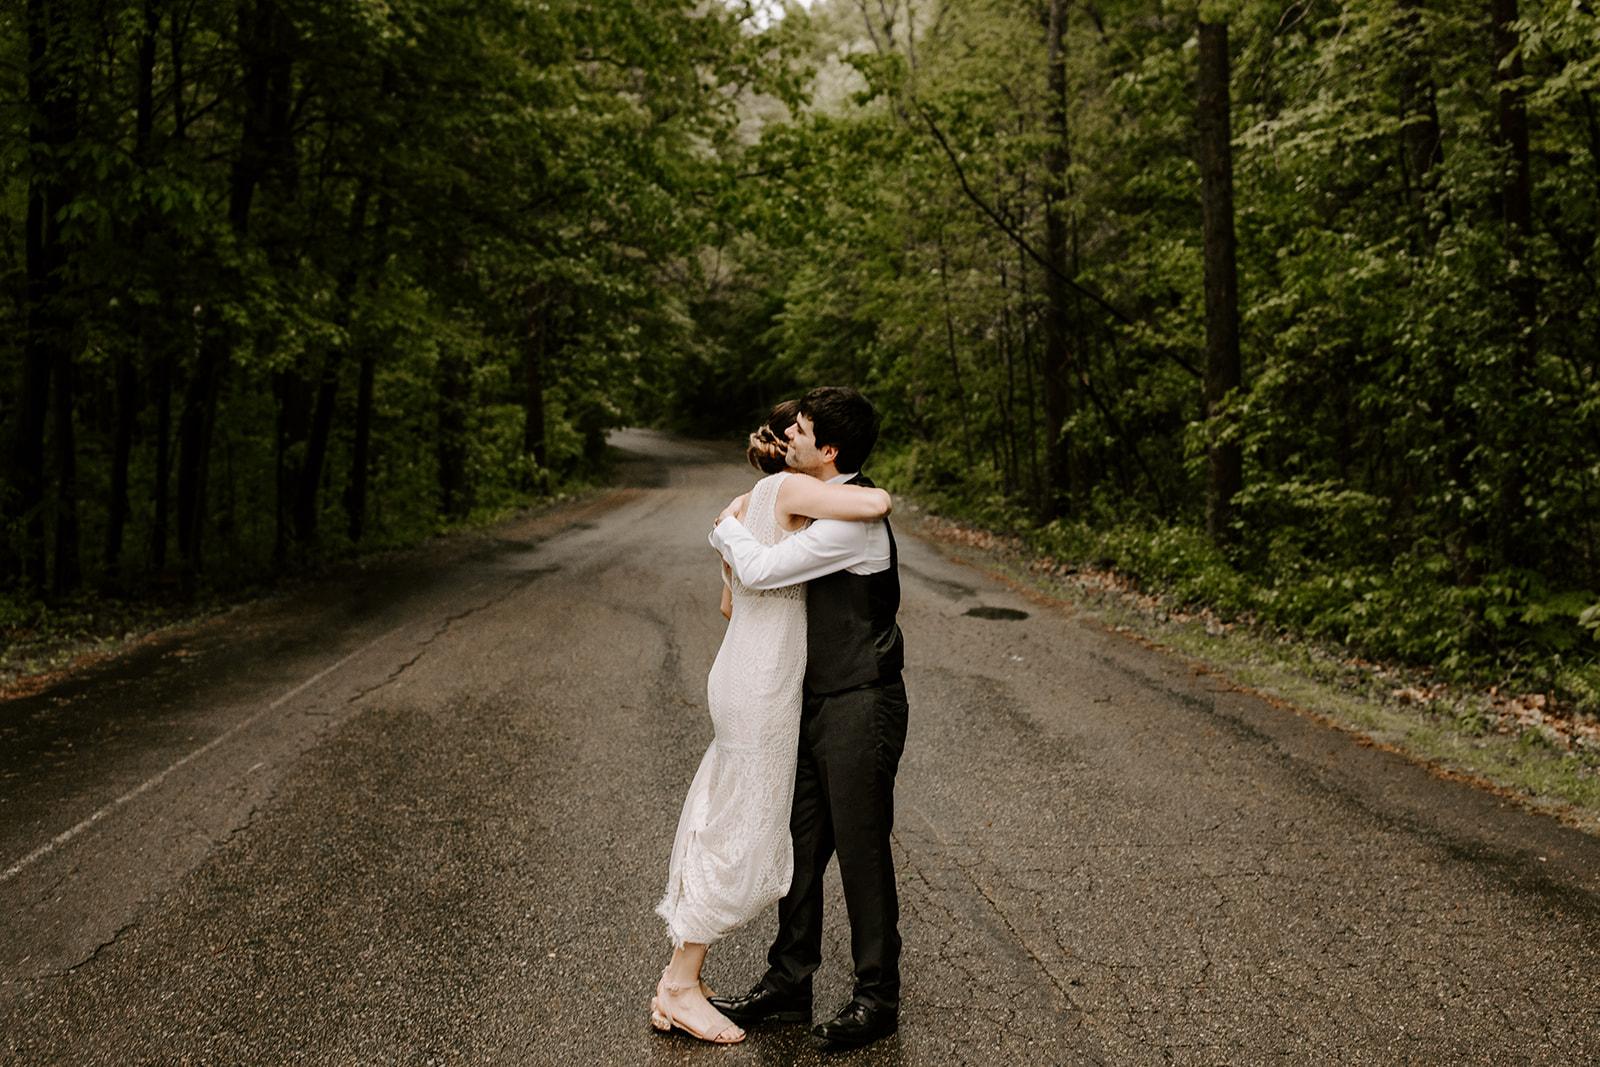 2019-06-01-00-Lindsey+Mat-04_Couples_Portraits-meandhimphoto-0028-T5D18261.jpg